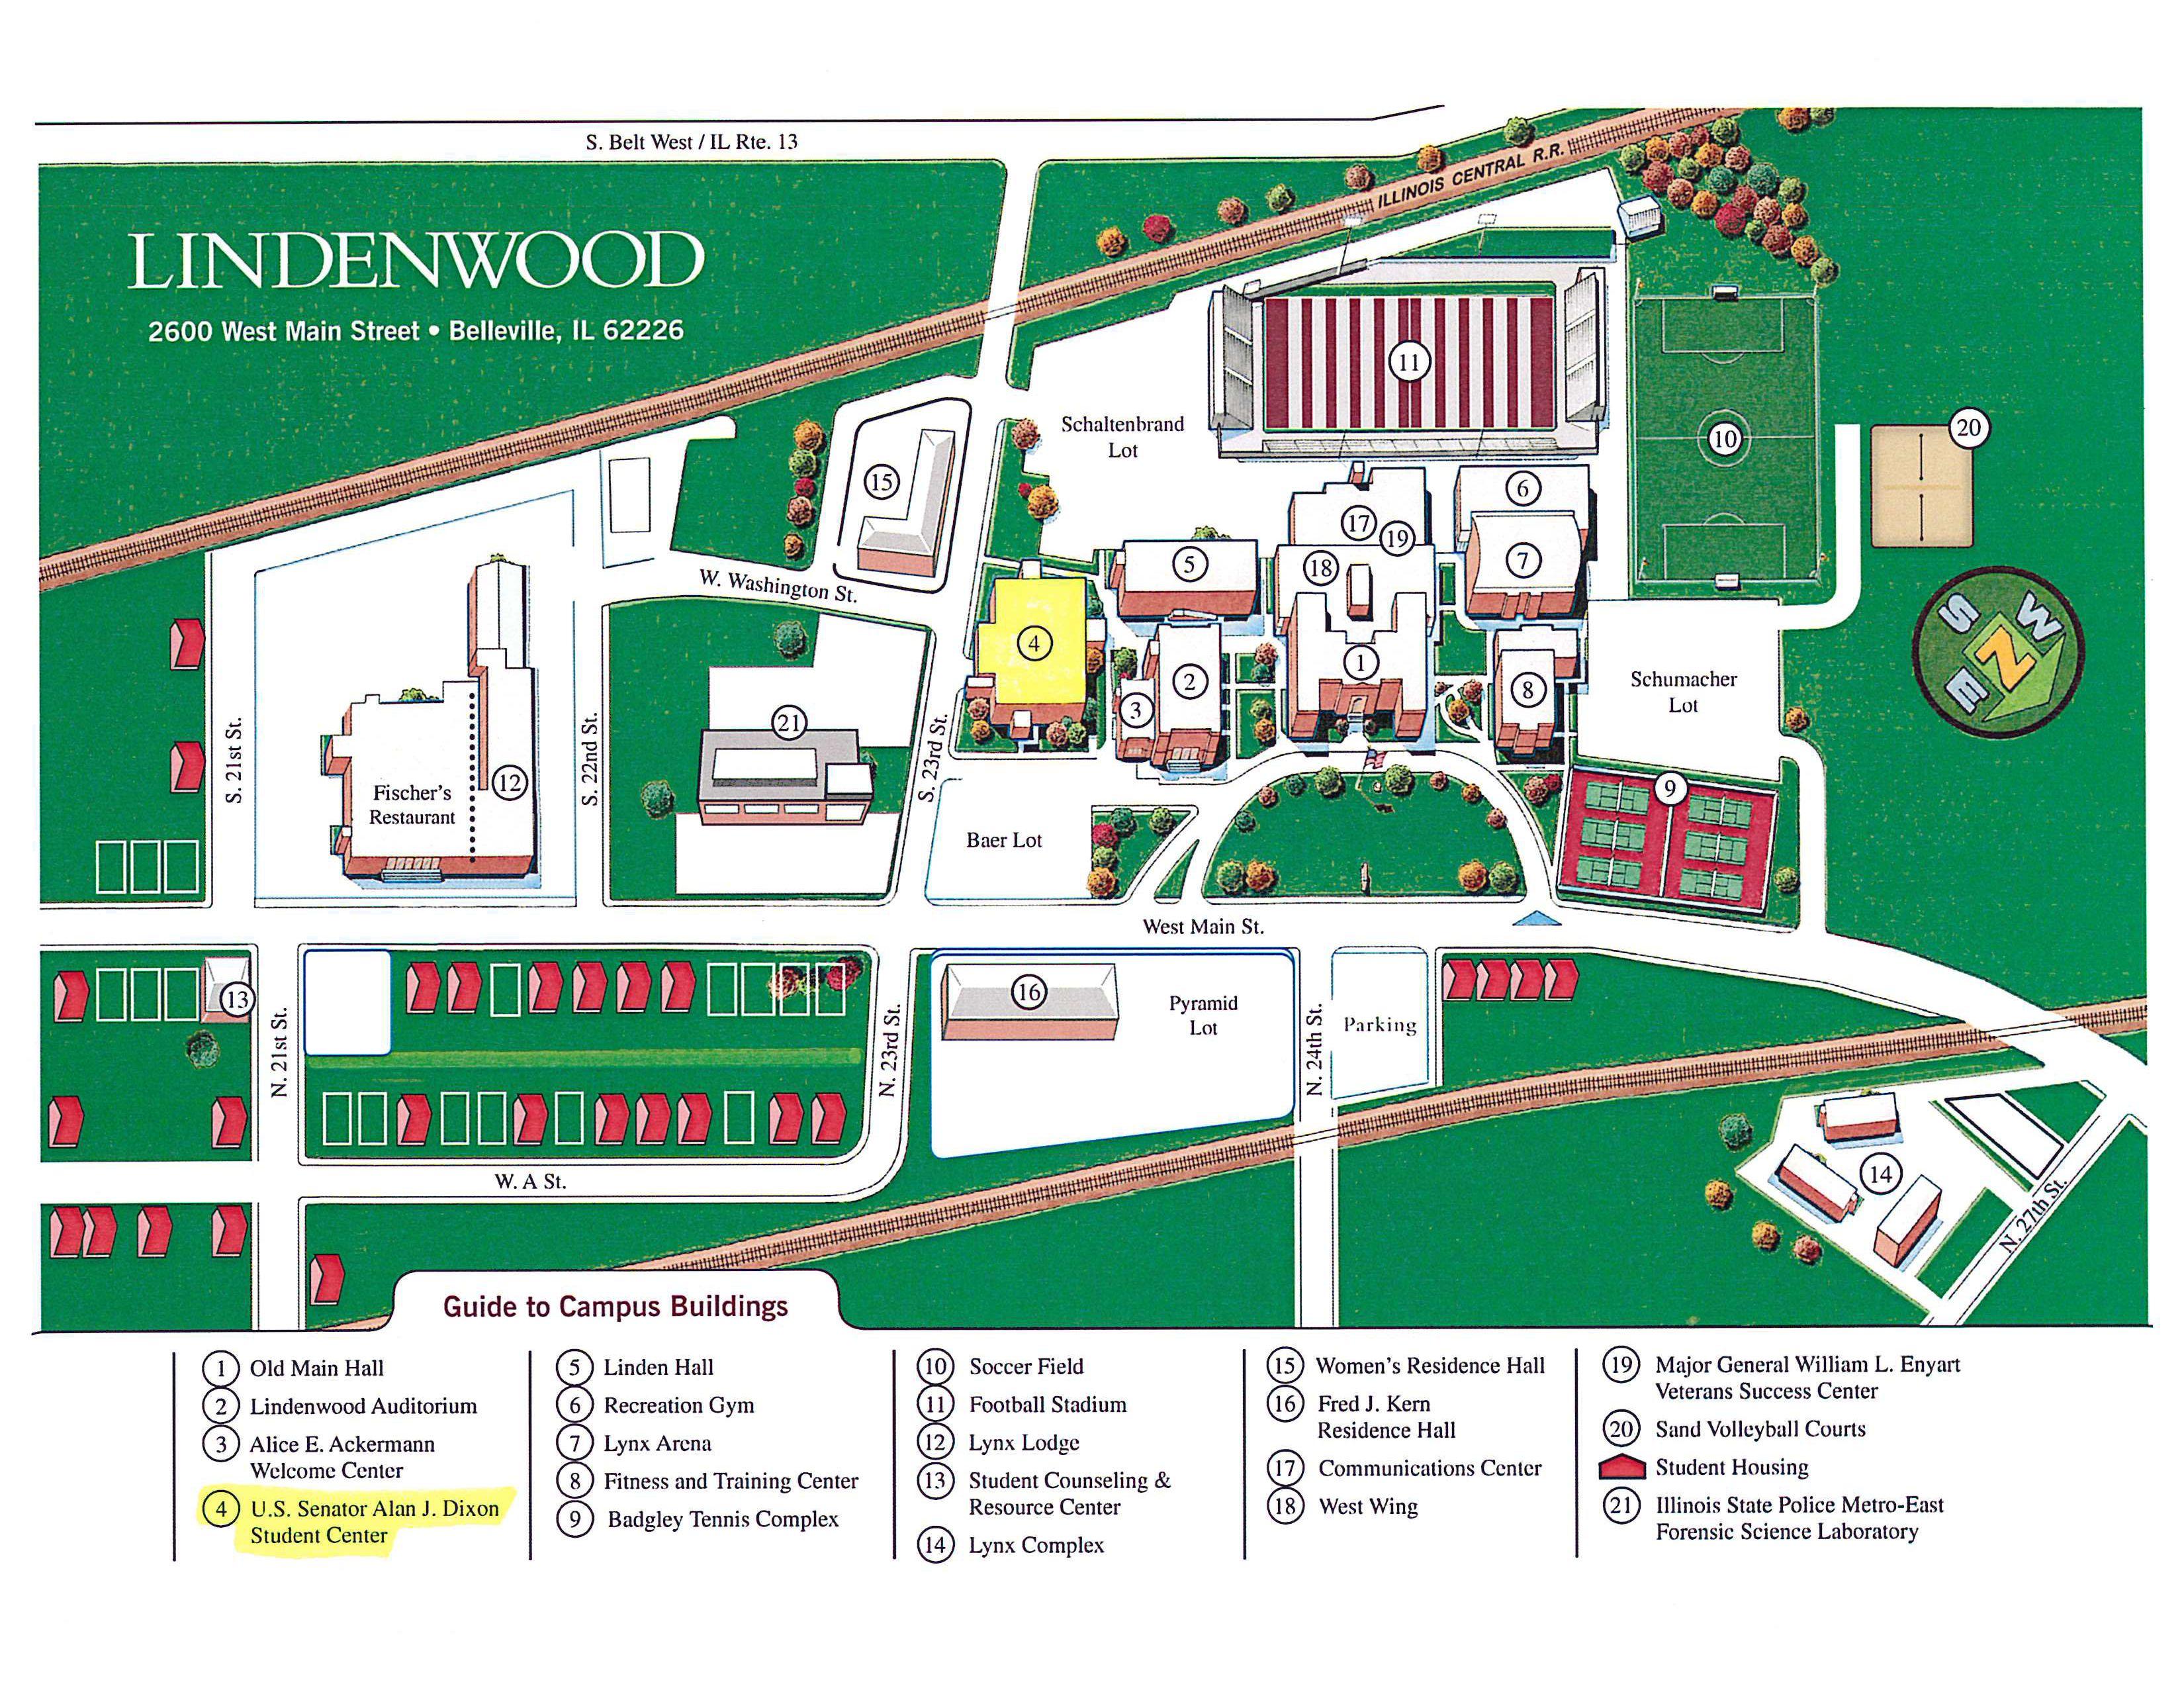 lindenwood university campus map Belleville Il Official Website lindenwood university campus map